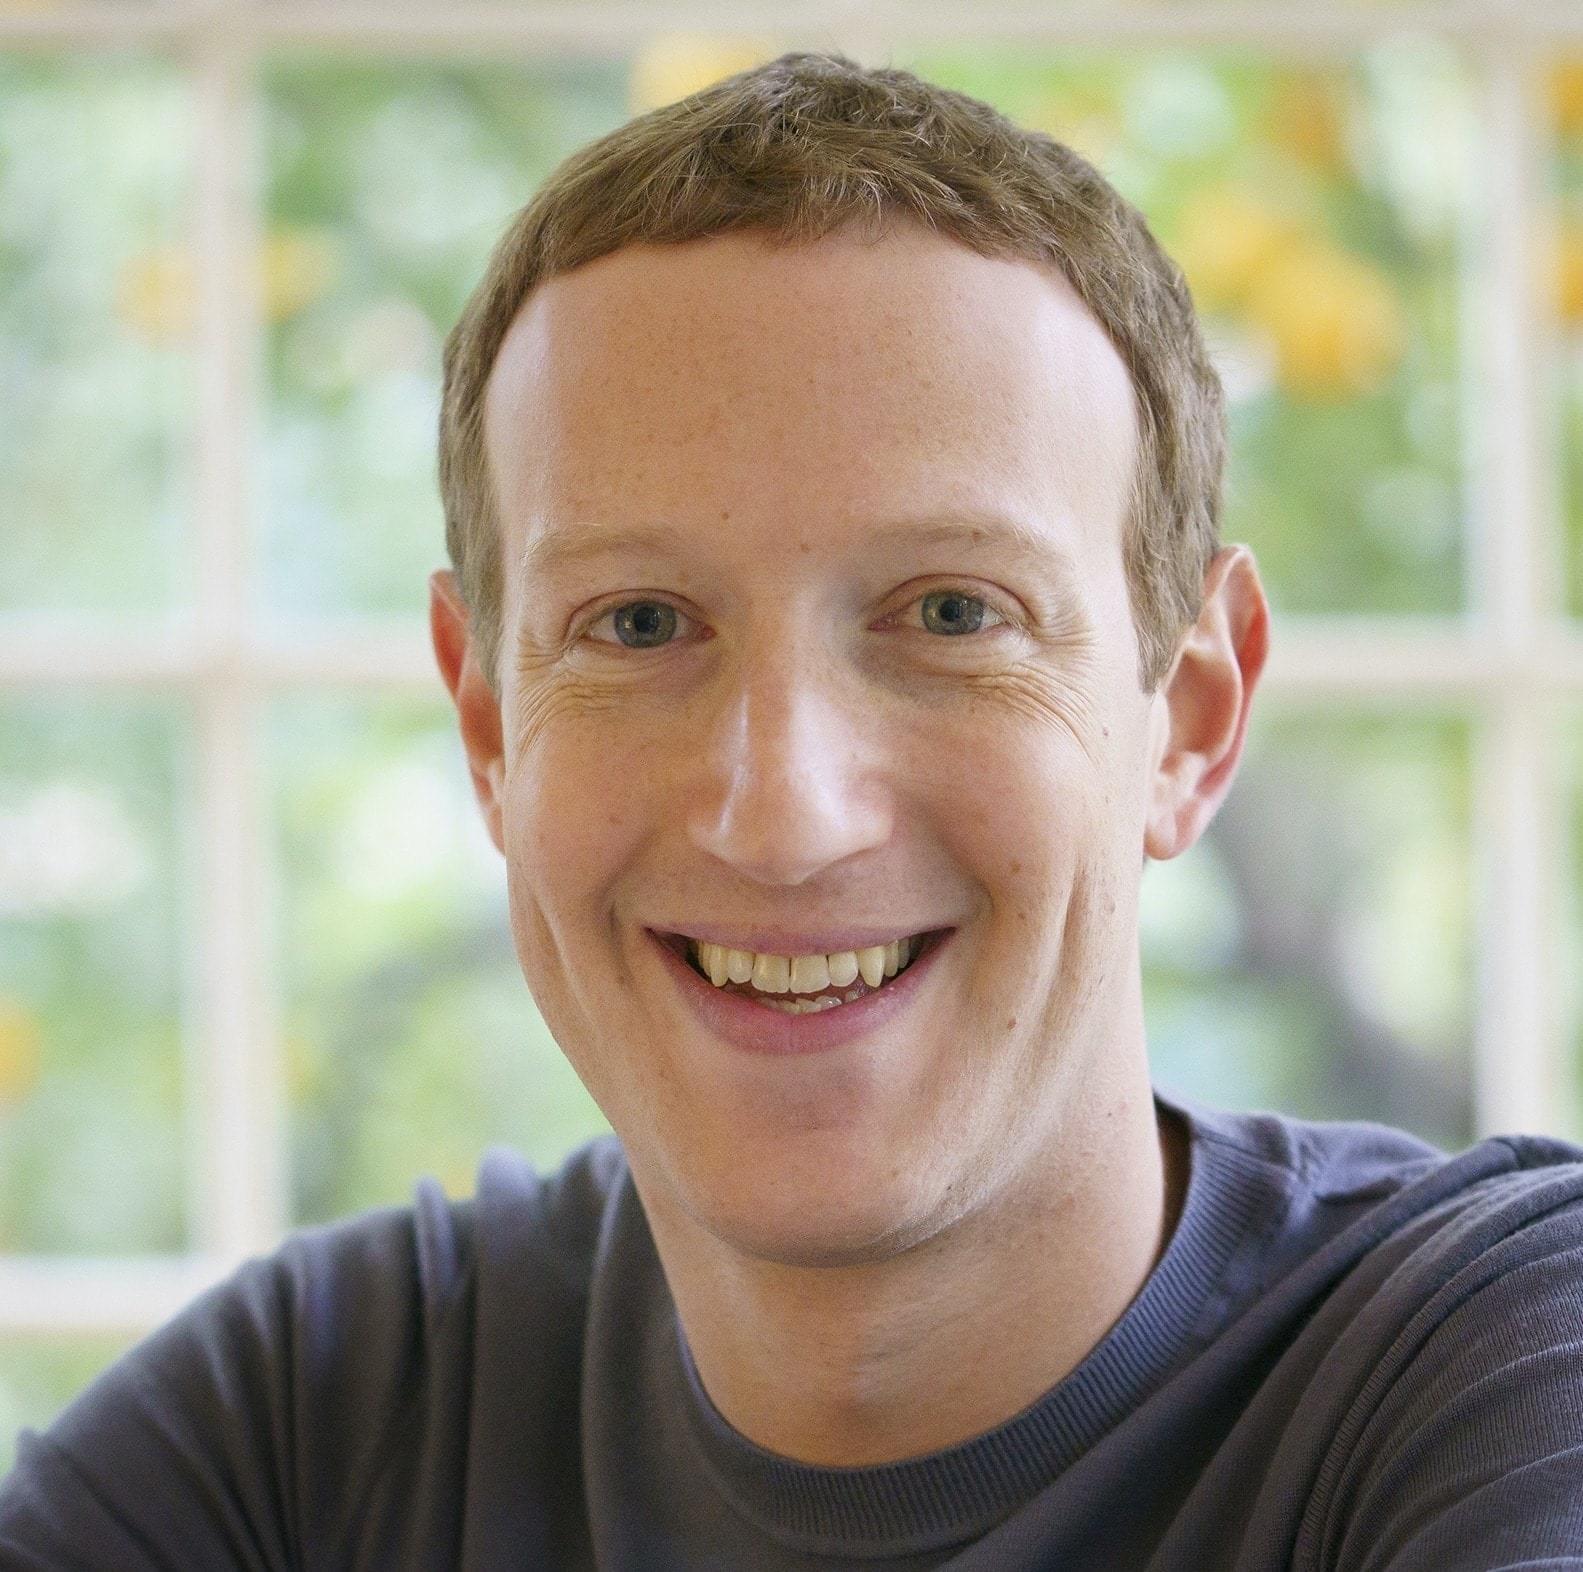 Invasion-Capitole: Mark Zuckerberg, PDG du groupe Facebook radié le compte du président Donald Trump